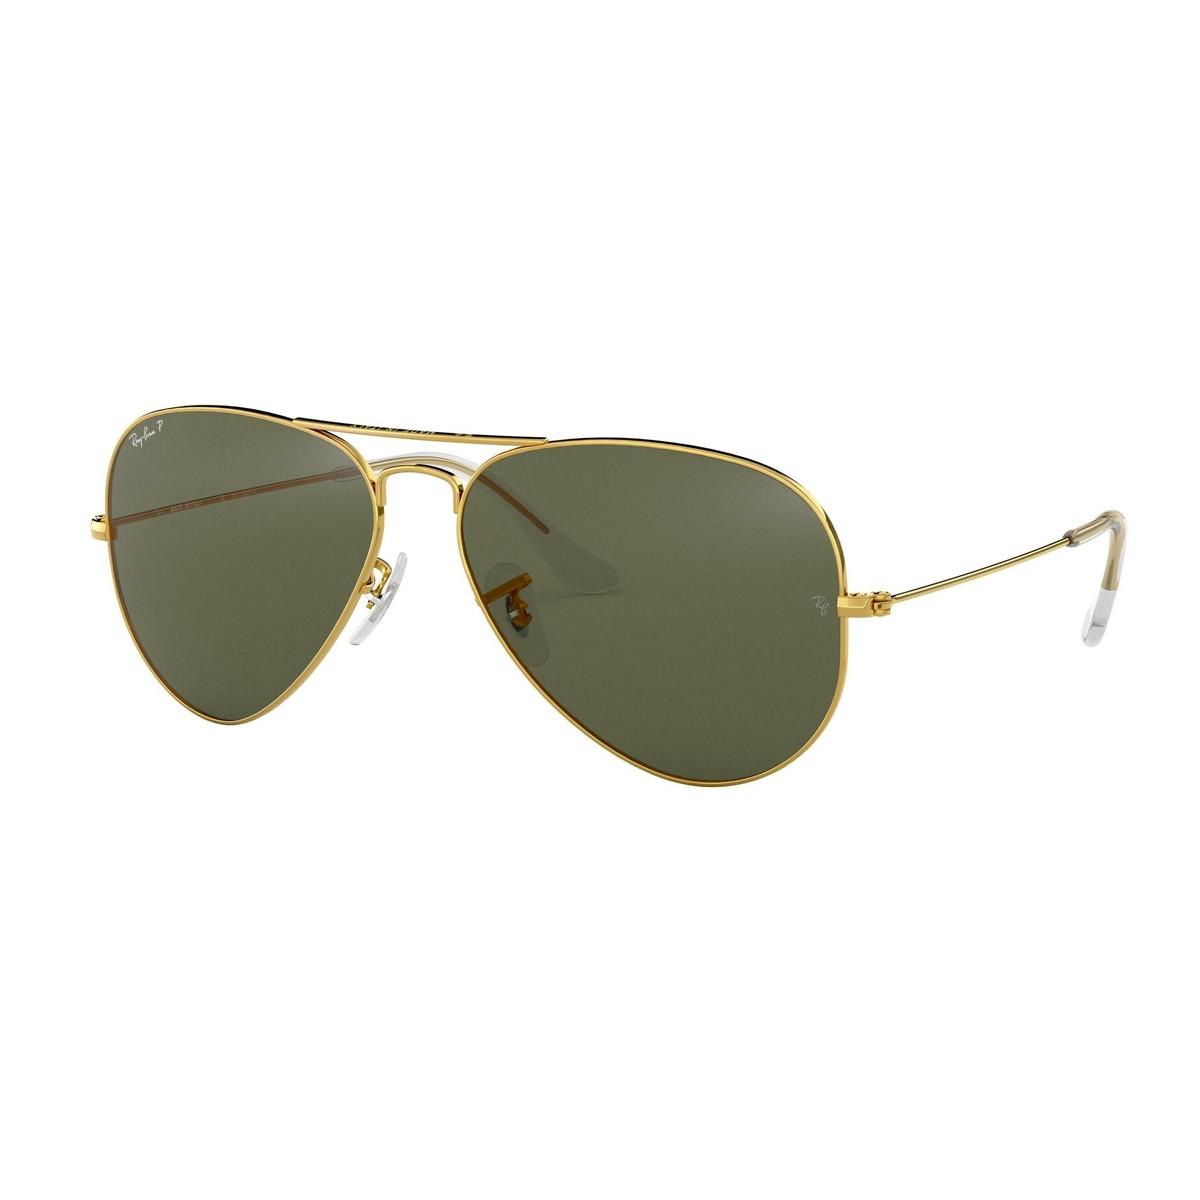 Ray-Ban Aviator 3025 | Unisex sunglasses